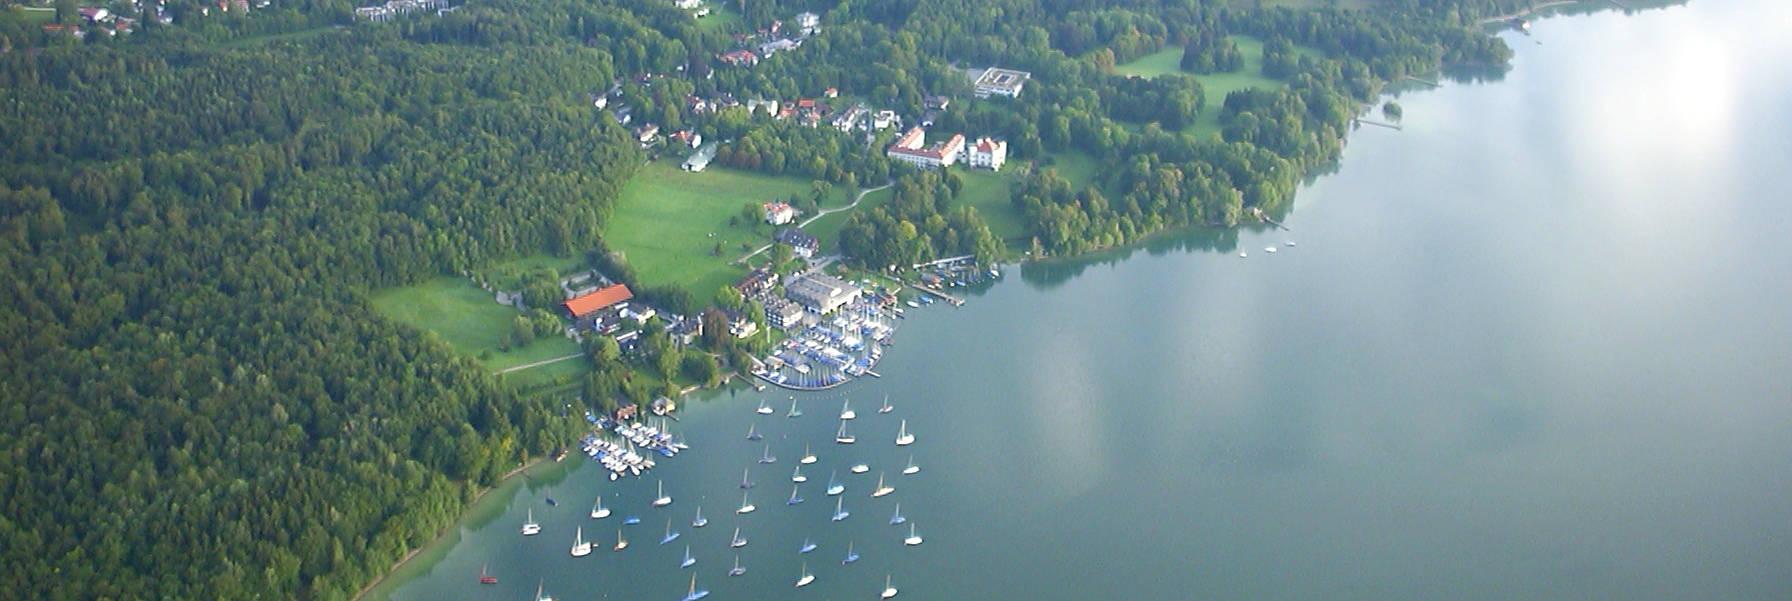 Pöcking Possenhofen Am Starnberger See